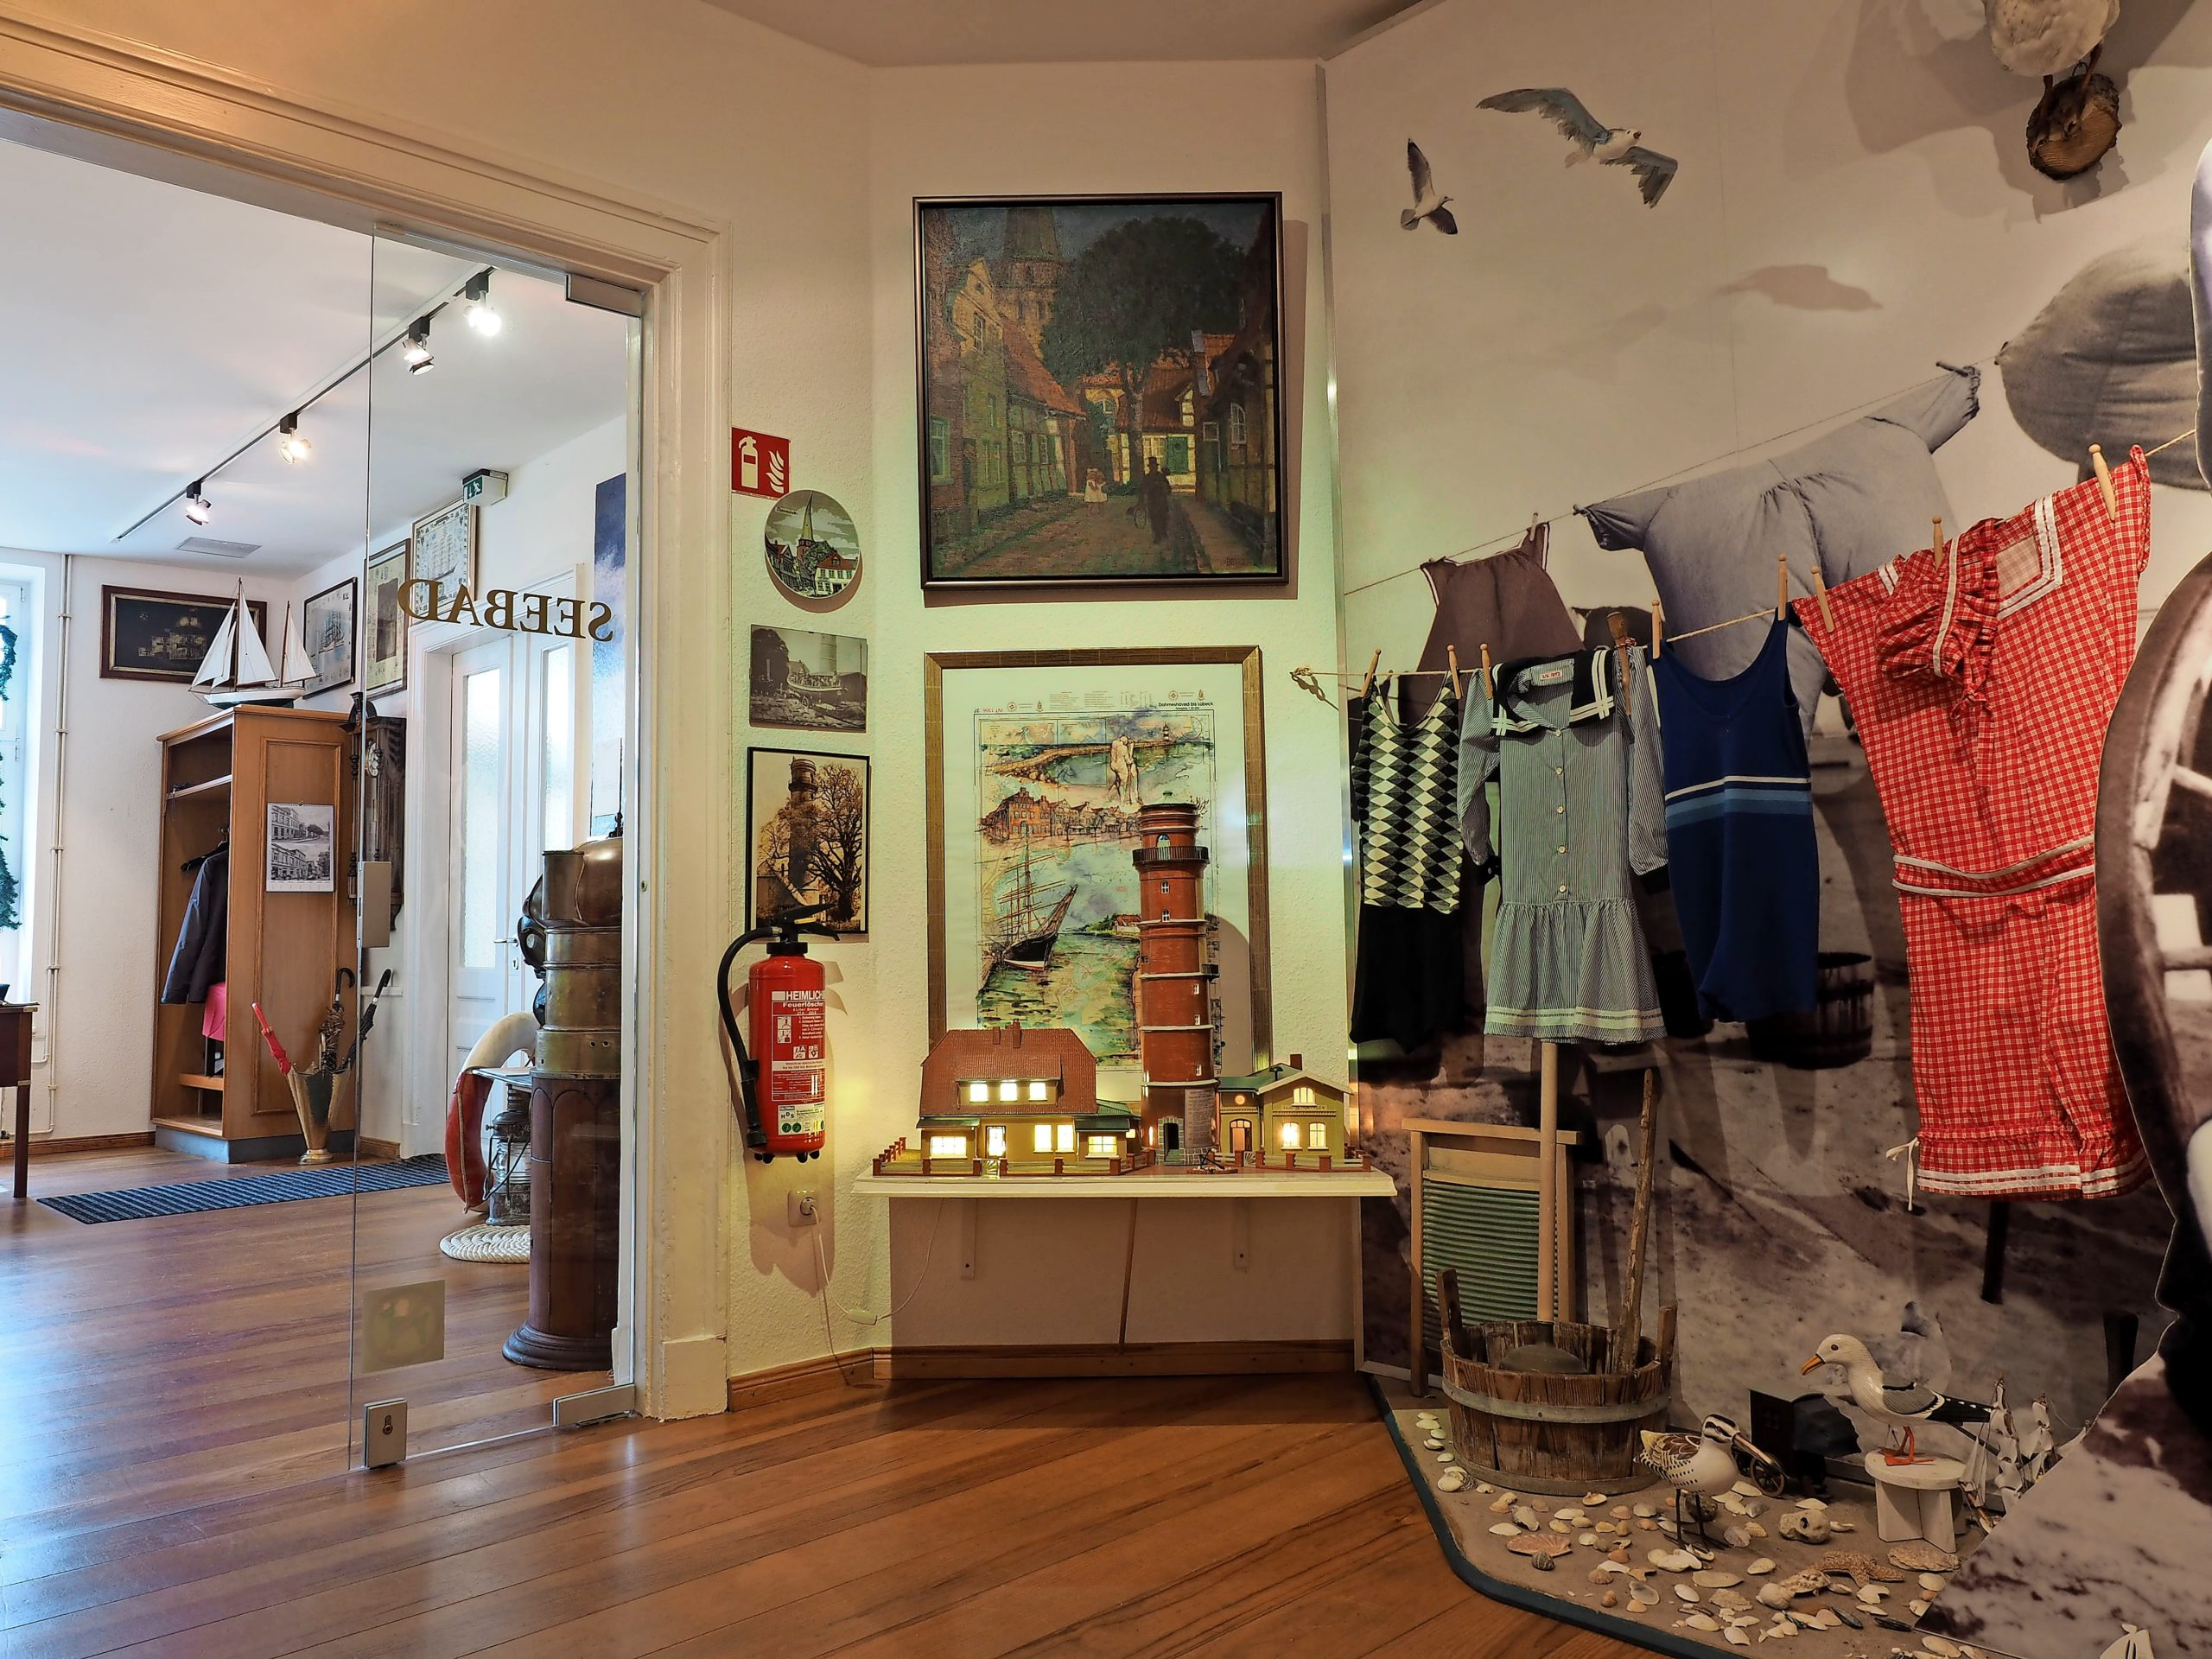 Das Seebadmuseum Travemünde öffnet nach der Winterpause wieder und sucht außerdem noch ehrenamtliche Mitarbeiter.